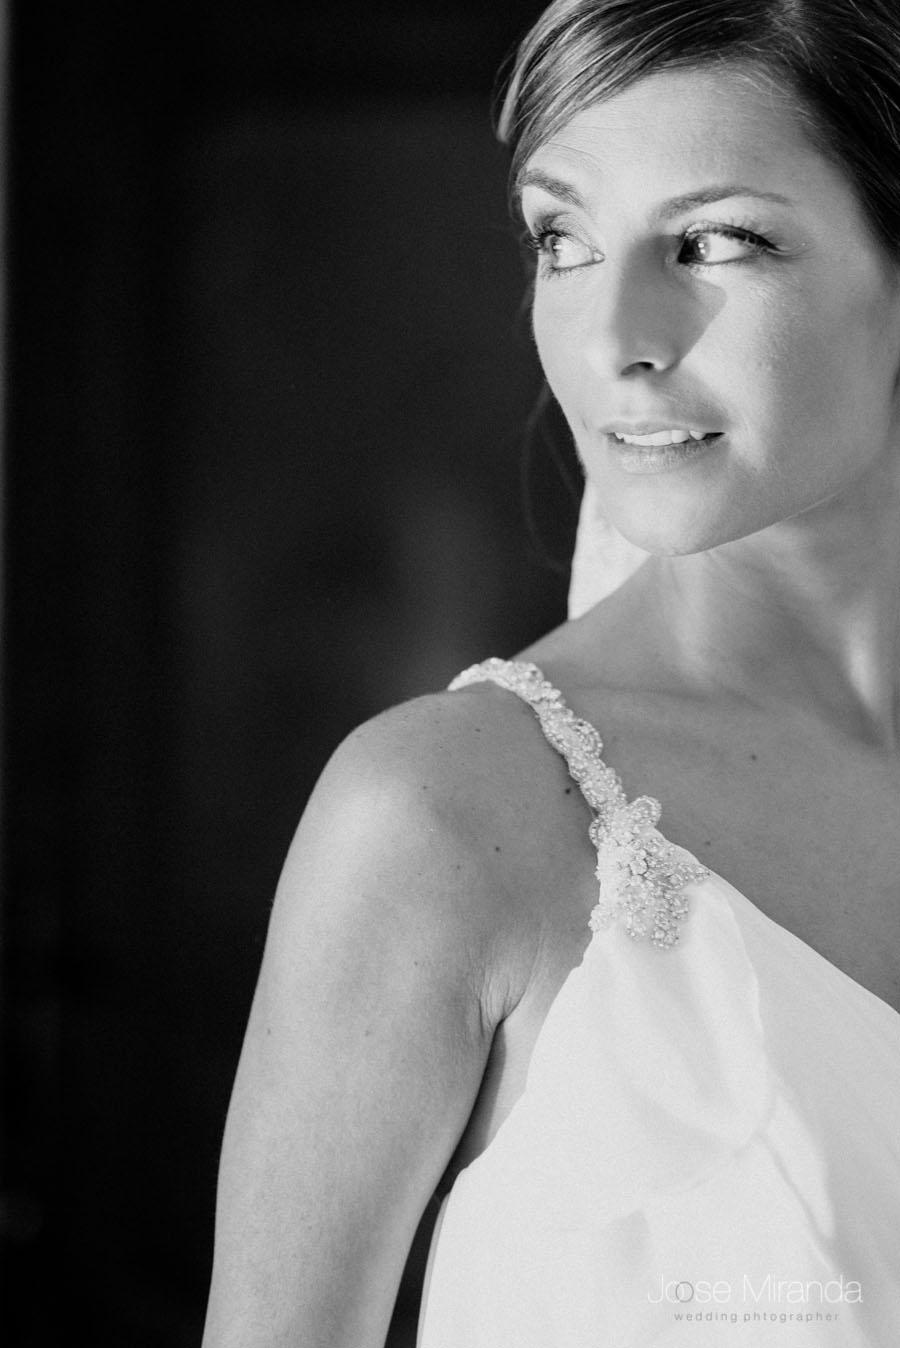 Retrato de Mariah, la novia en blanco y negro